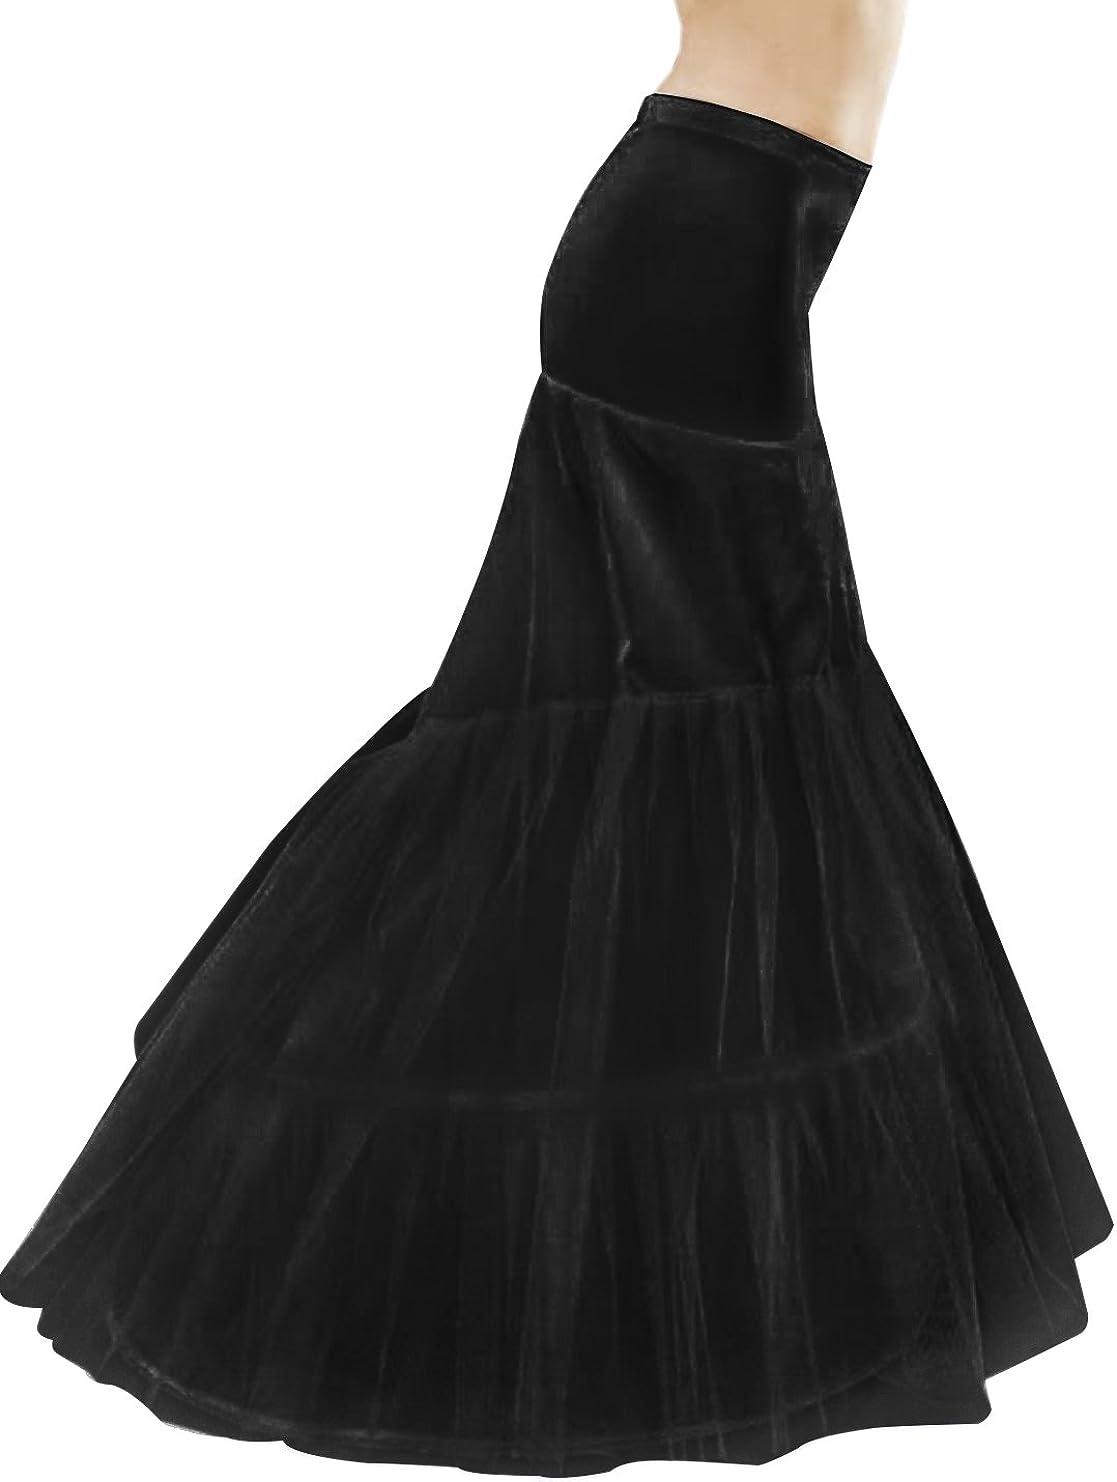 BEAUTELICATE Petticoat Reifrock Unterröcke Damen Fur Meerjungfrau  Brautkleid Hochzeitskleid Abendlieid Rockabilly Underskirt Schwarz Weiß 16  Reifen